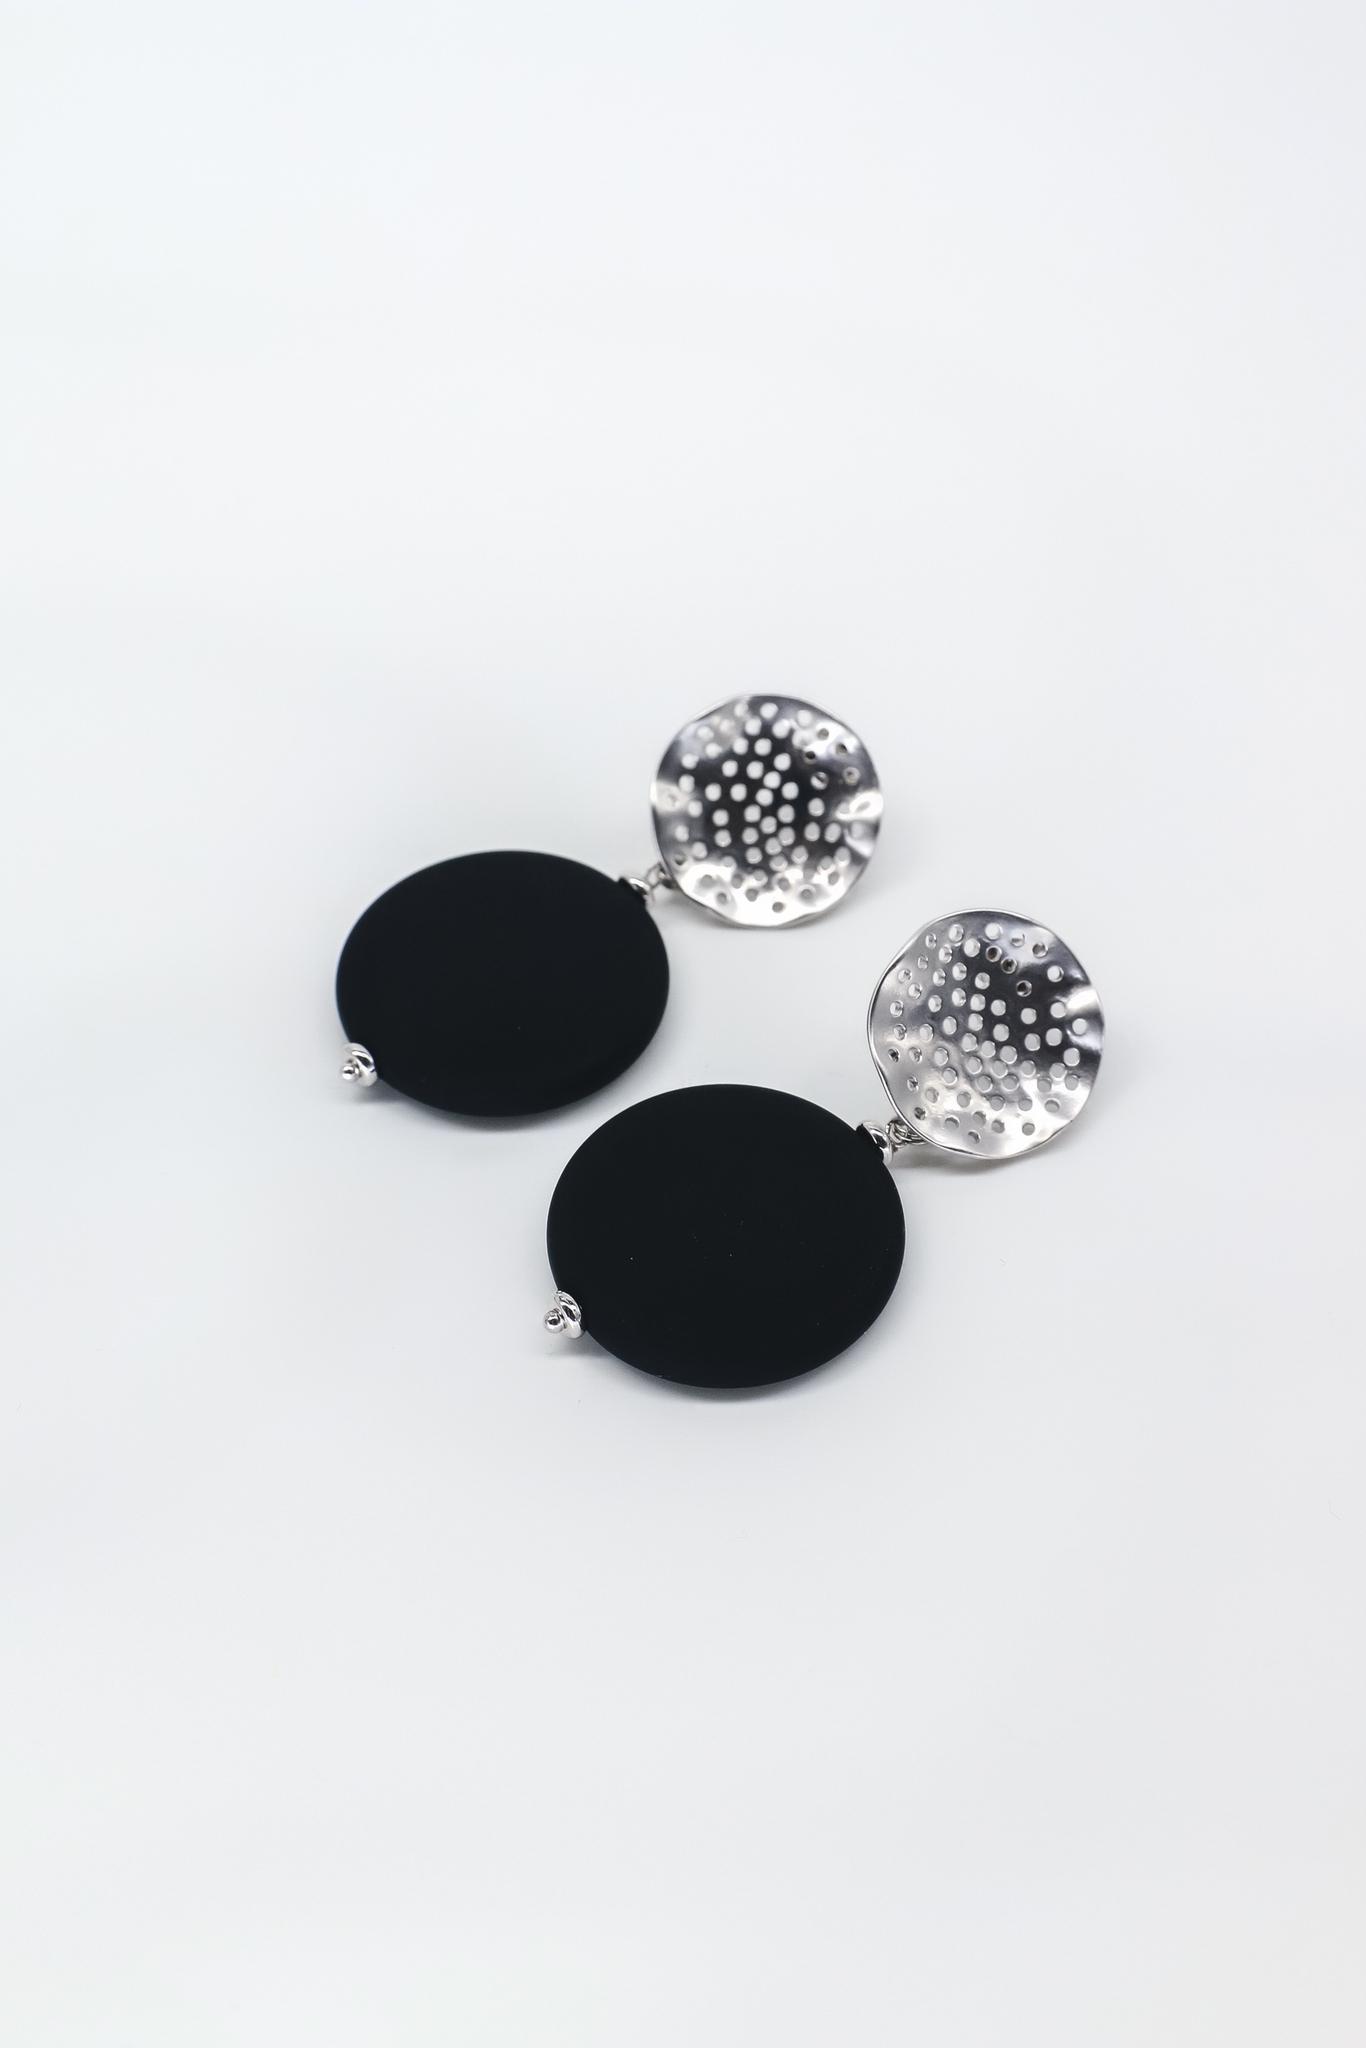 Серьги мятый металл с круглым силиконовым элементом  оптом и в розницу